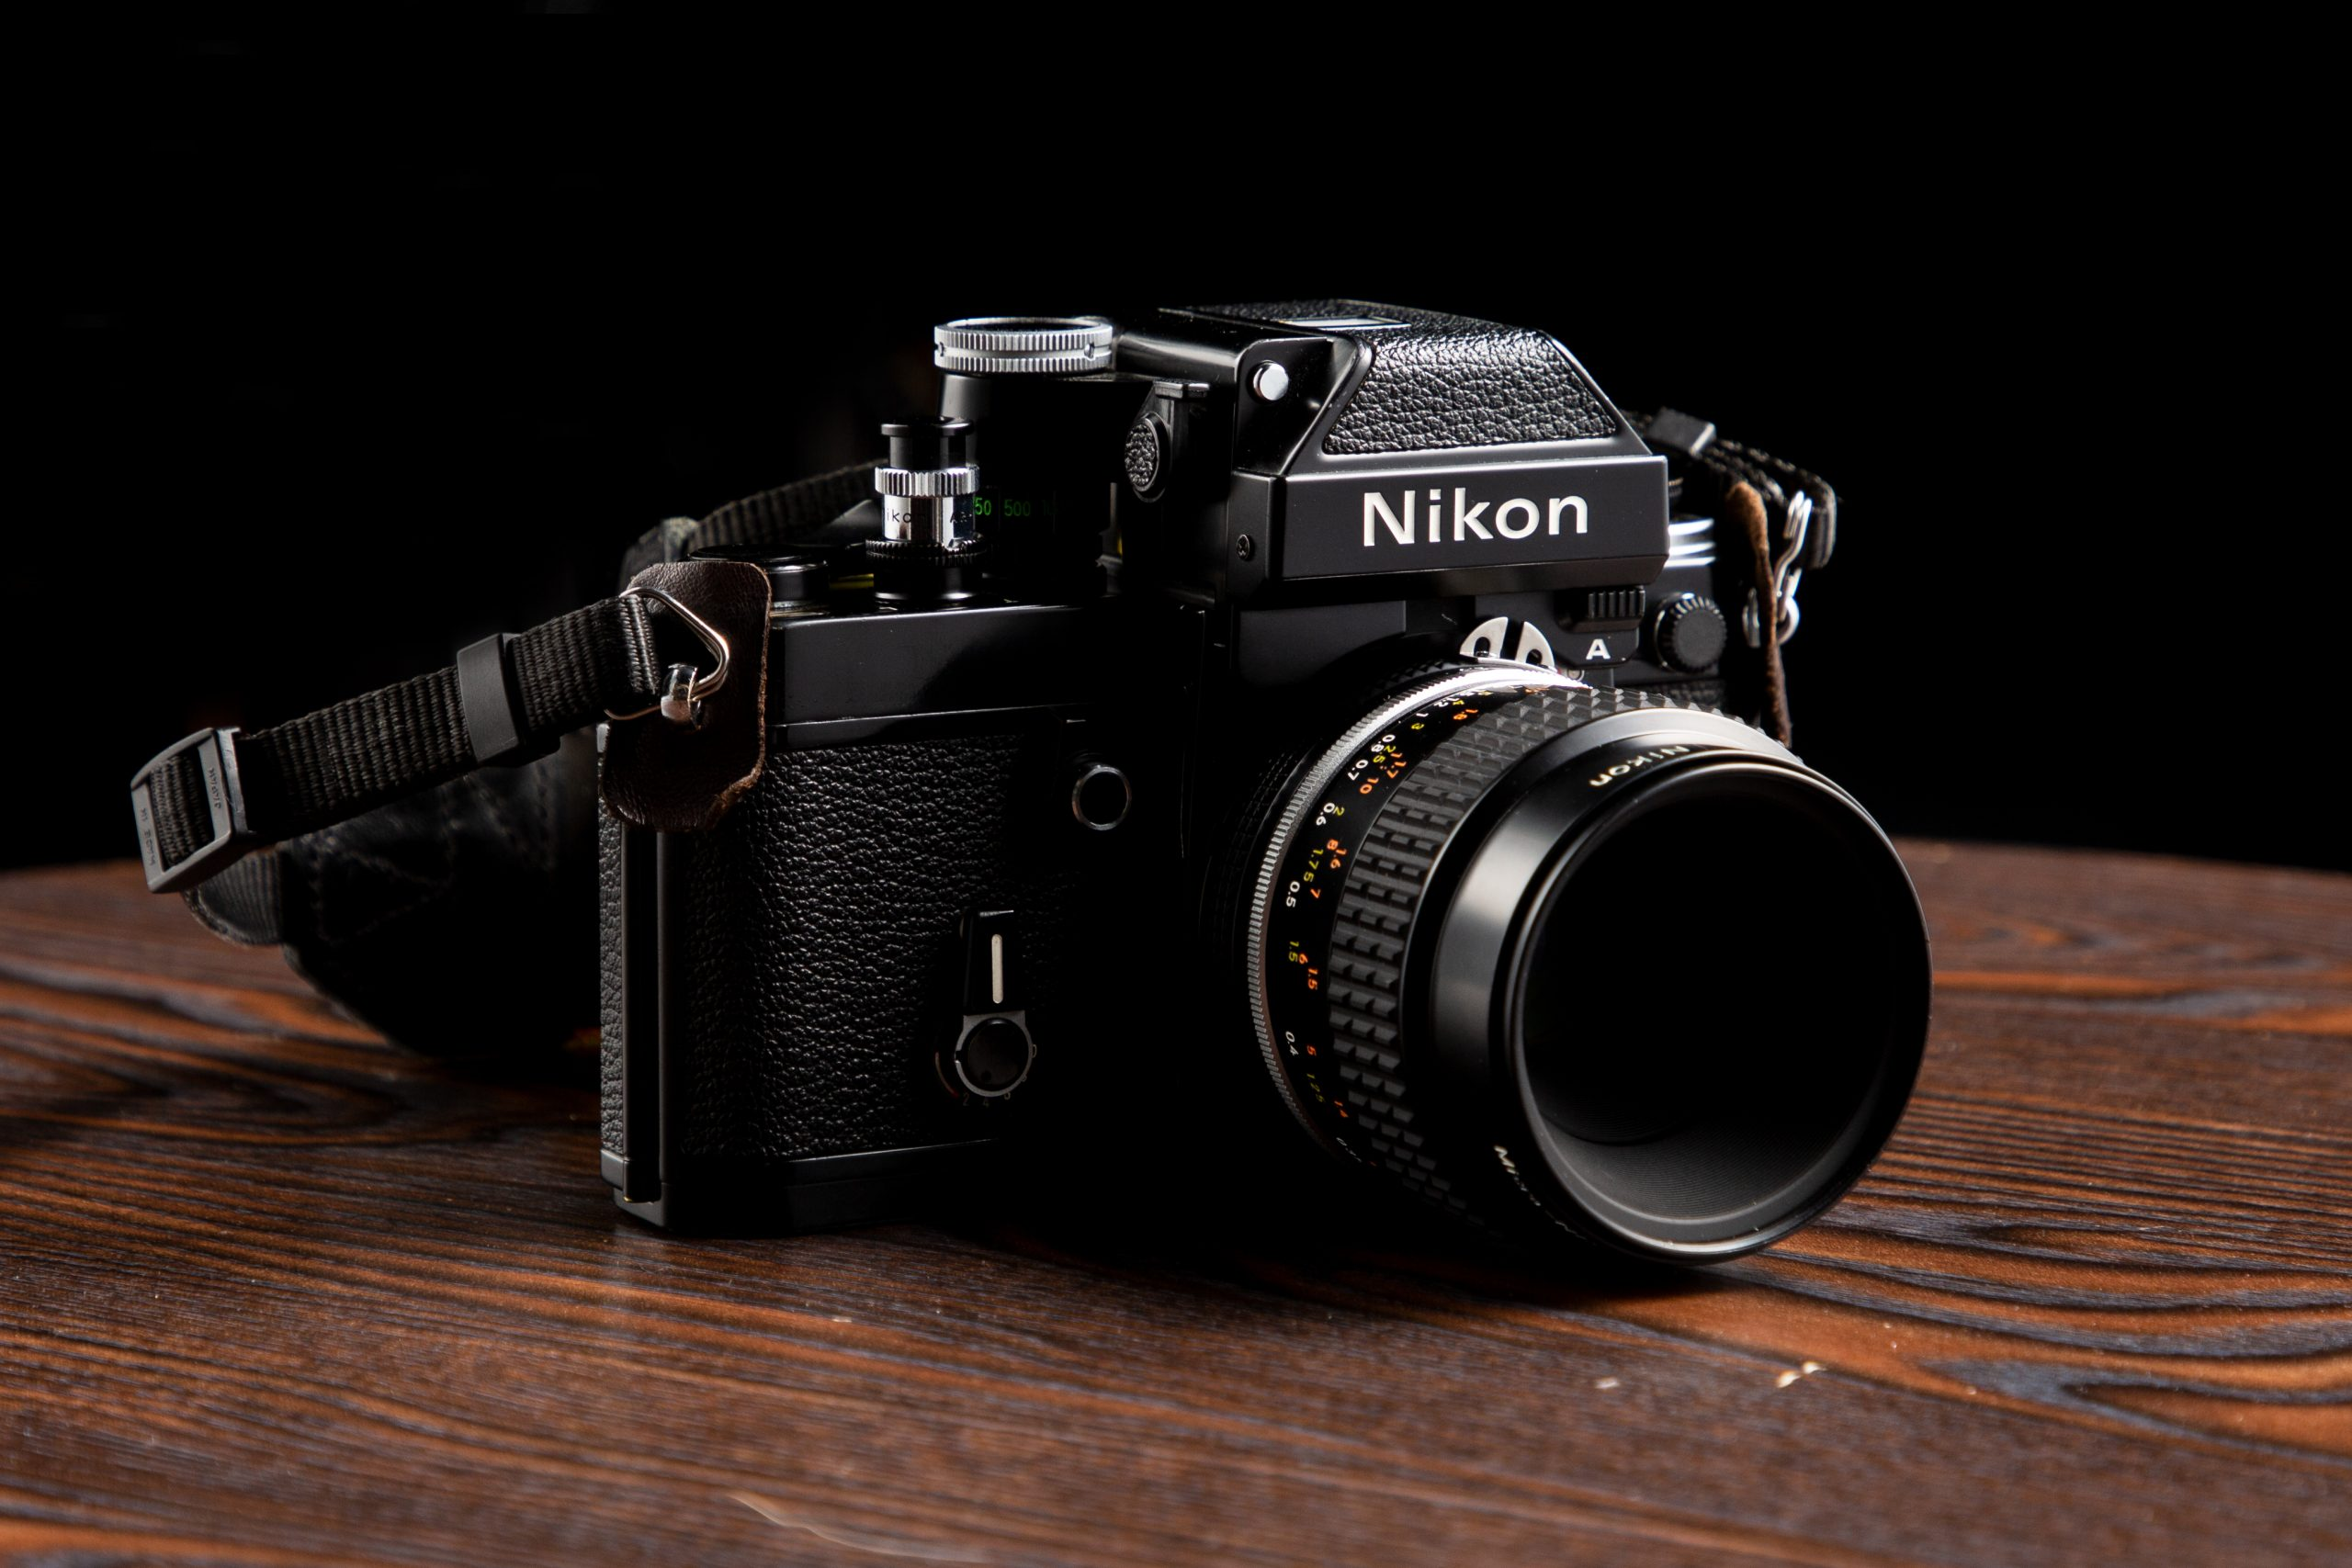 【Nikon】F2 photomicAで撮った写真を振り返る